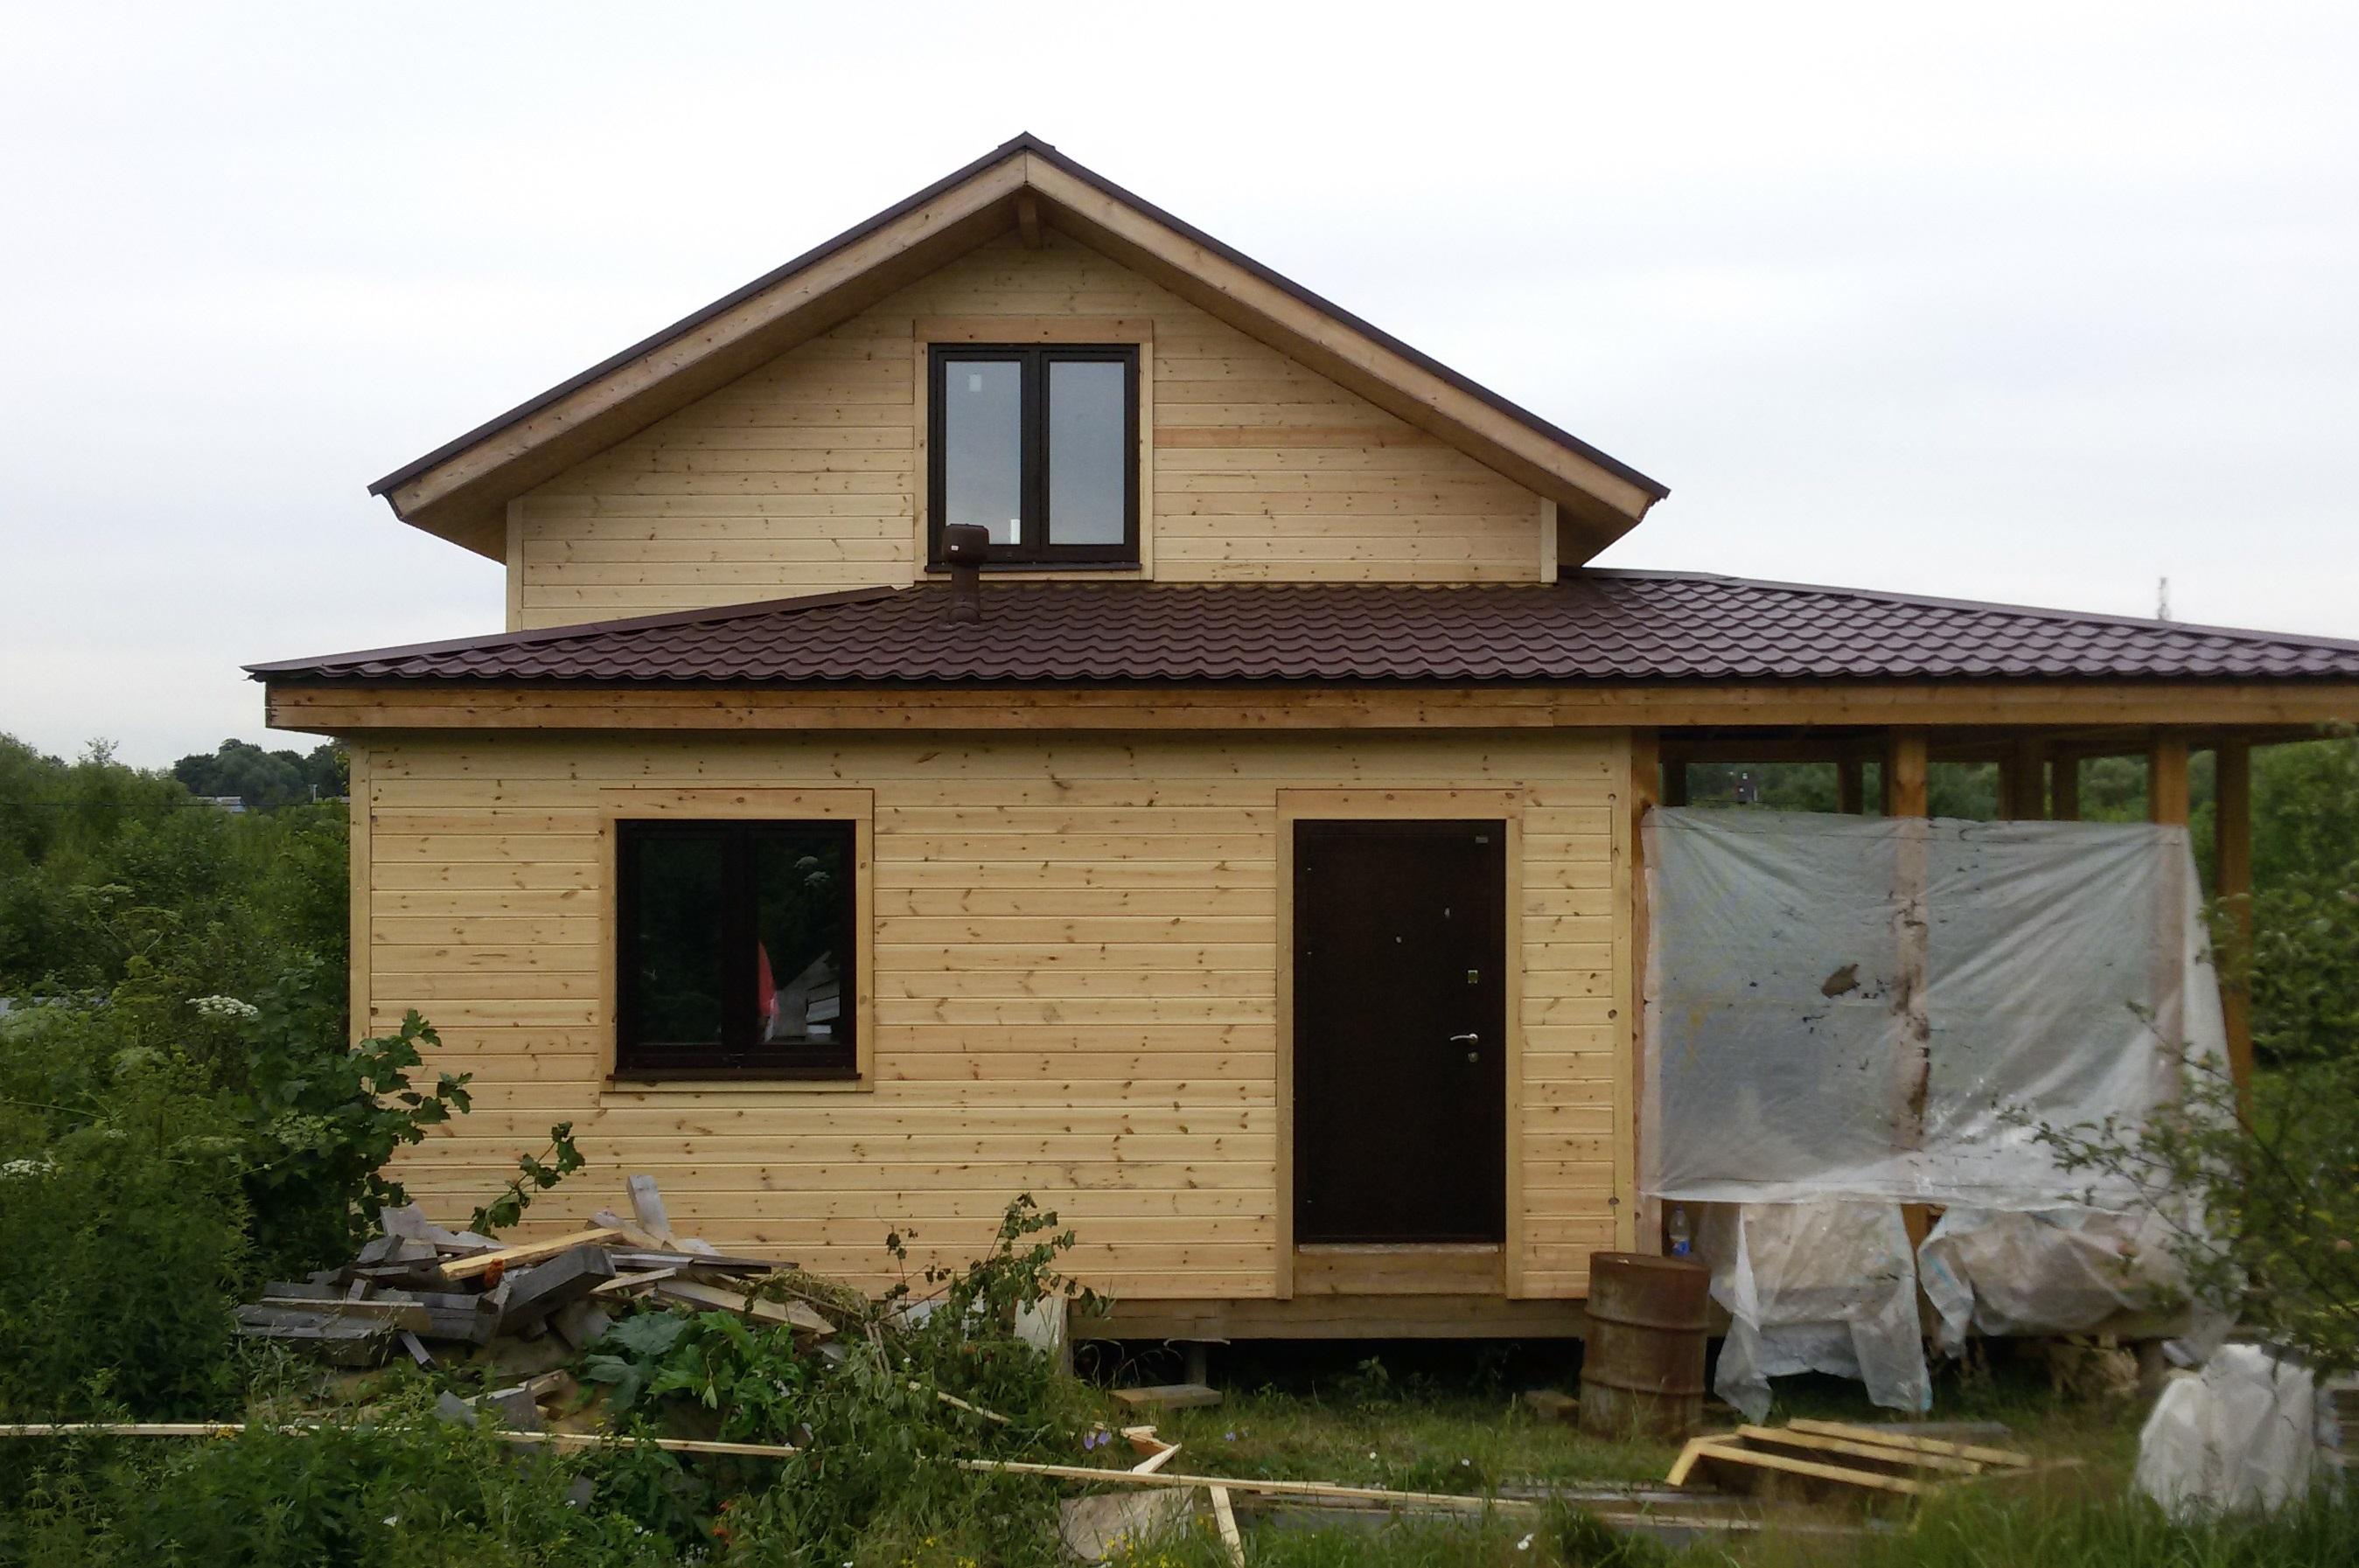 Дом до начала монтажа резных наличников и орнамента